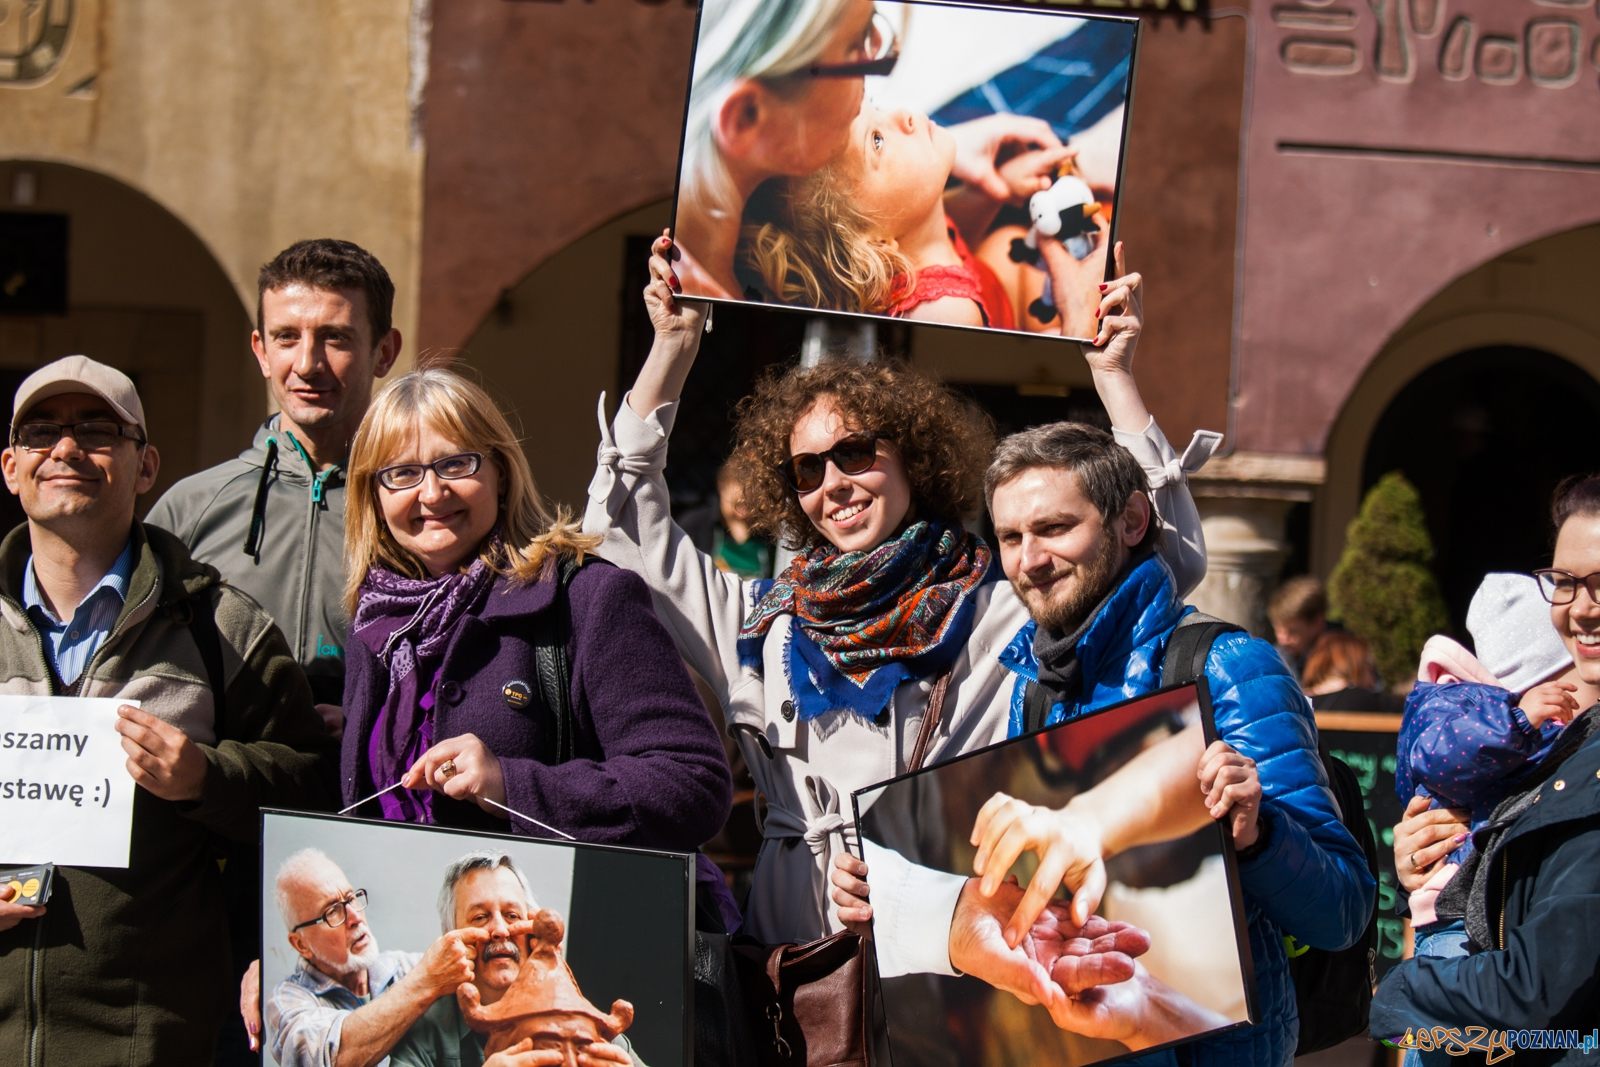 Usłysz nas, zobacz nas (2.04.2016)  Foto: © lepszyPOZNAN.pl / Karolina Kiraga